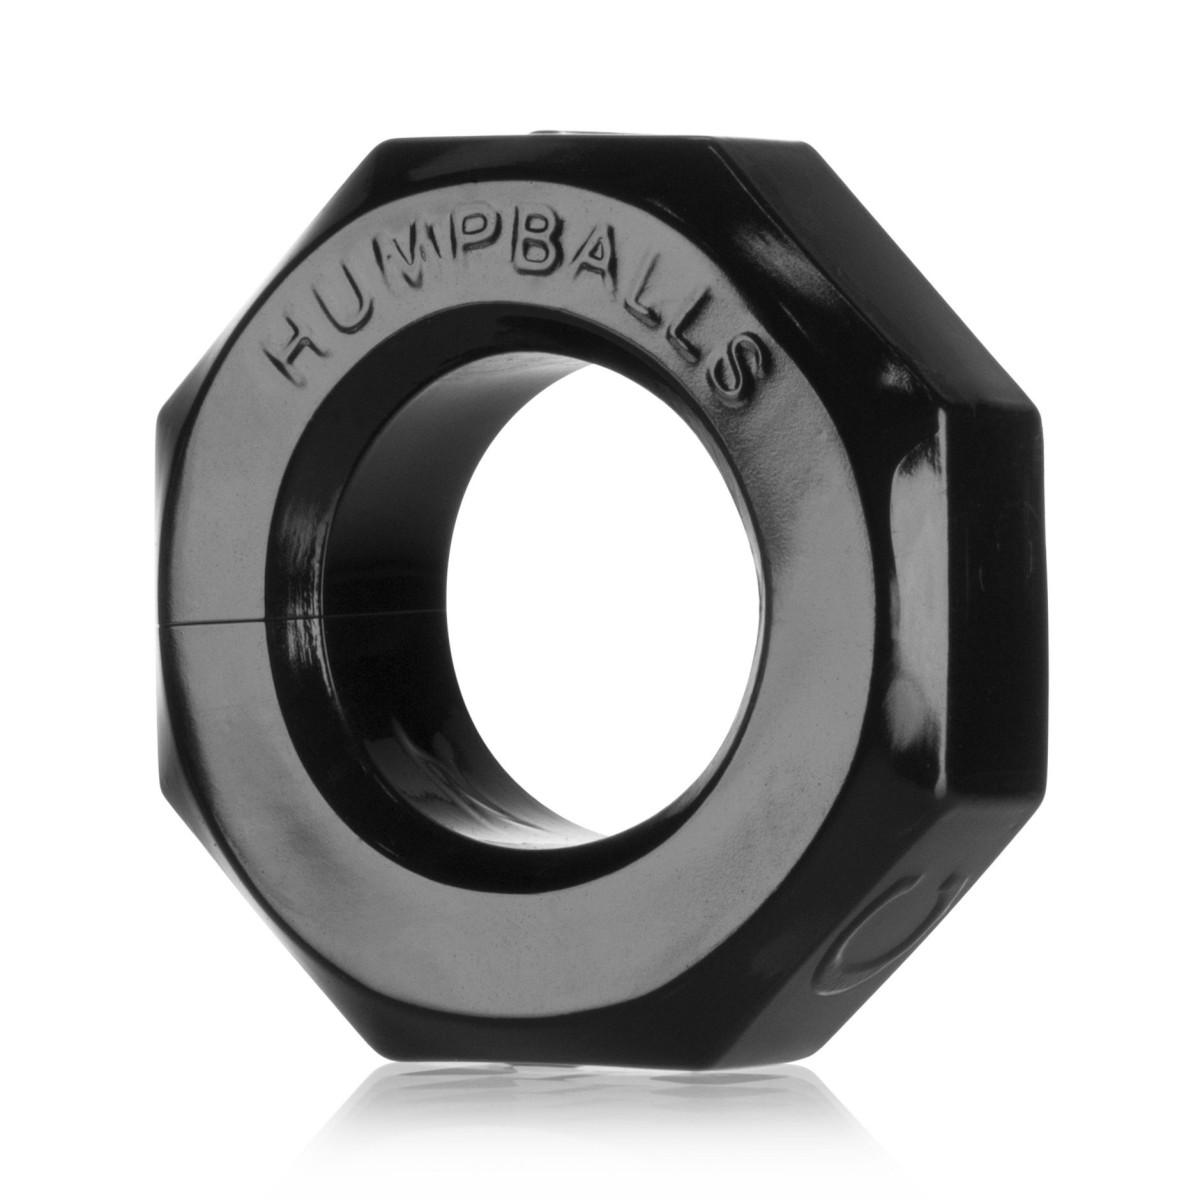 Oxballs Humpballs Cock Ring Black